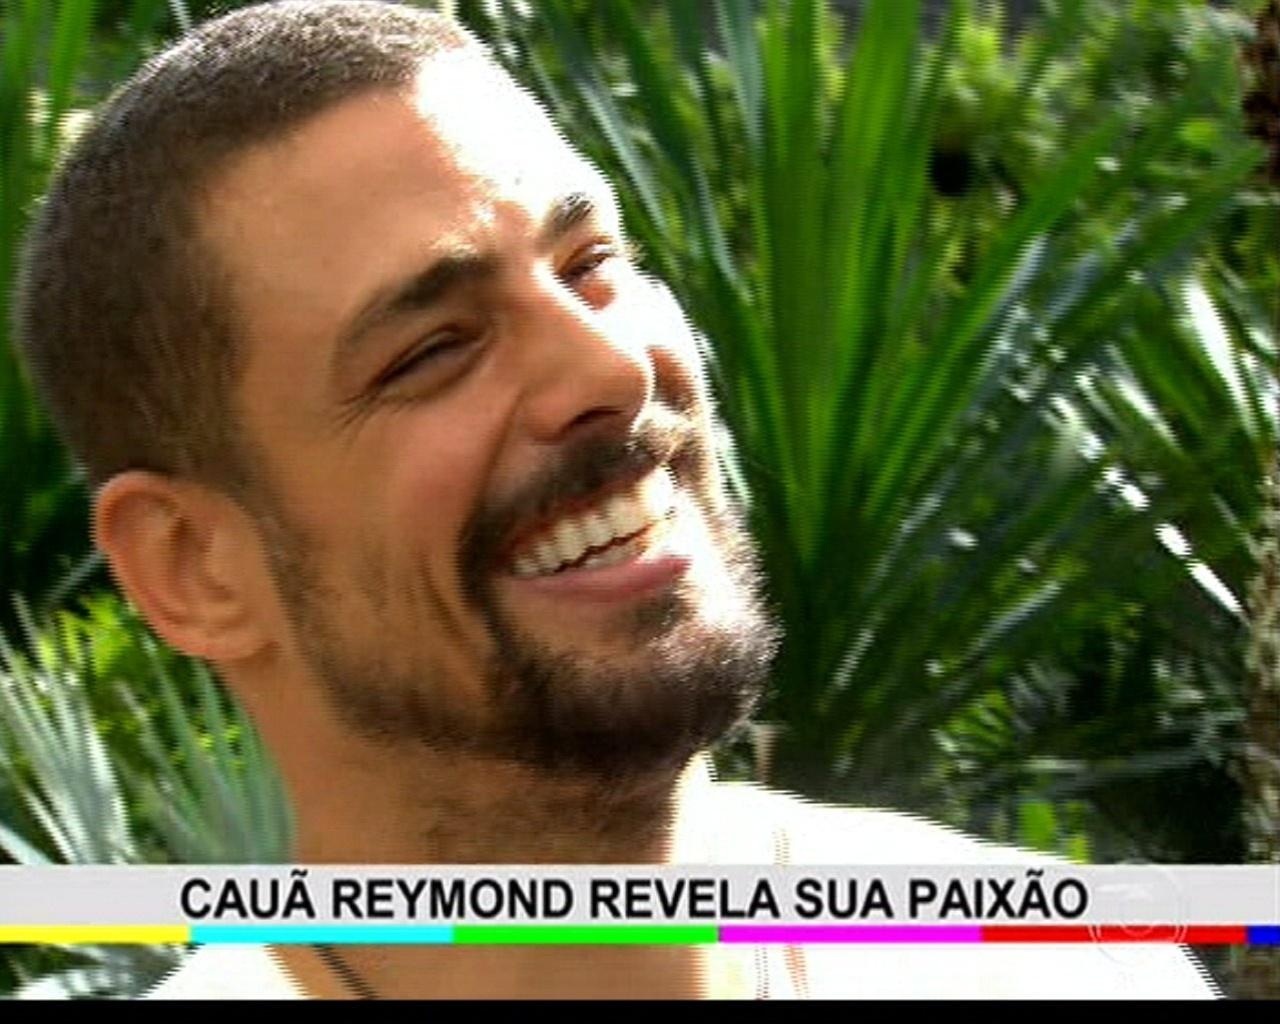 26.mai.2014 - Cauã Reymond é entrevistado no